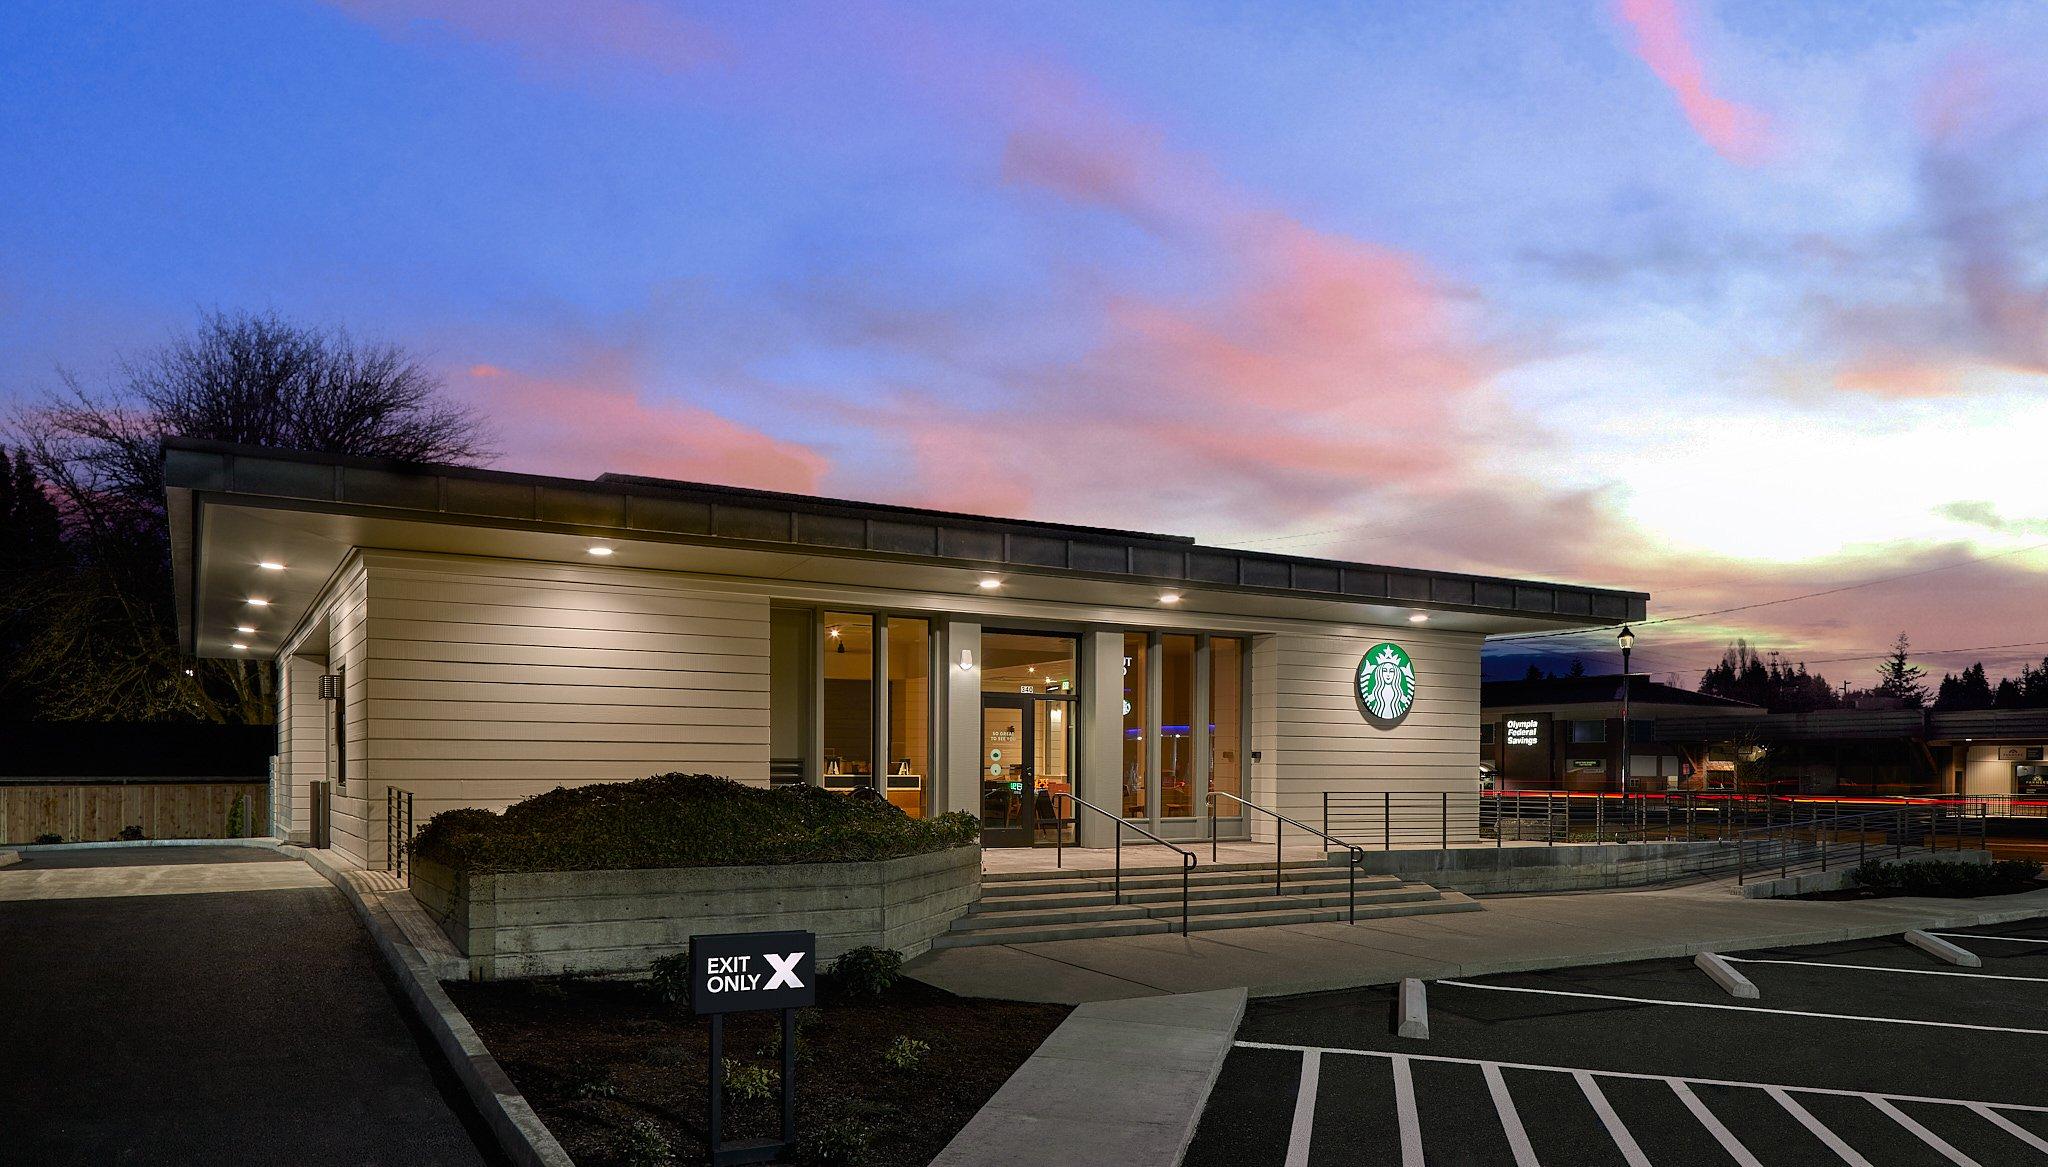 Starbucks, Tumwater WA